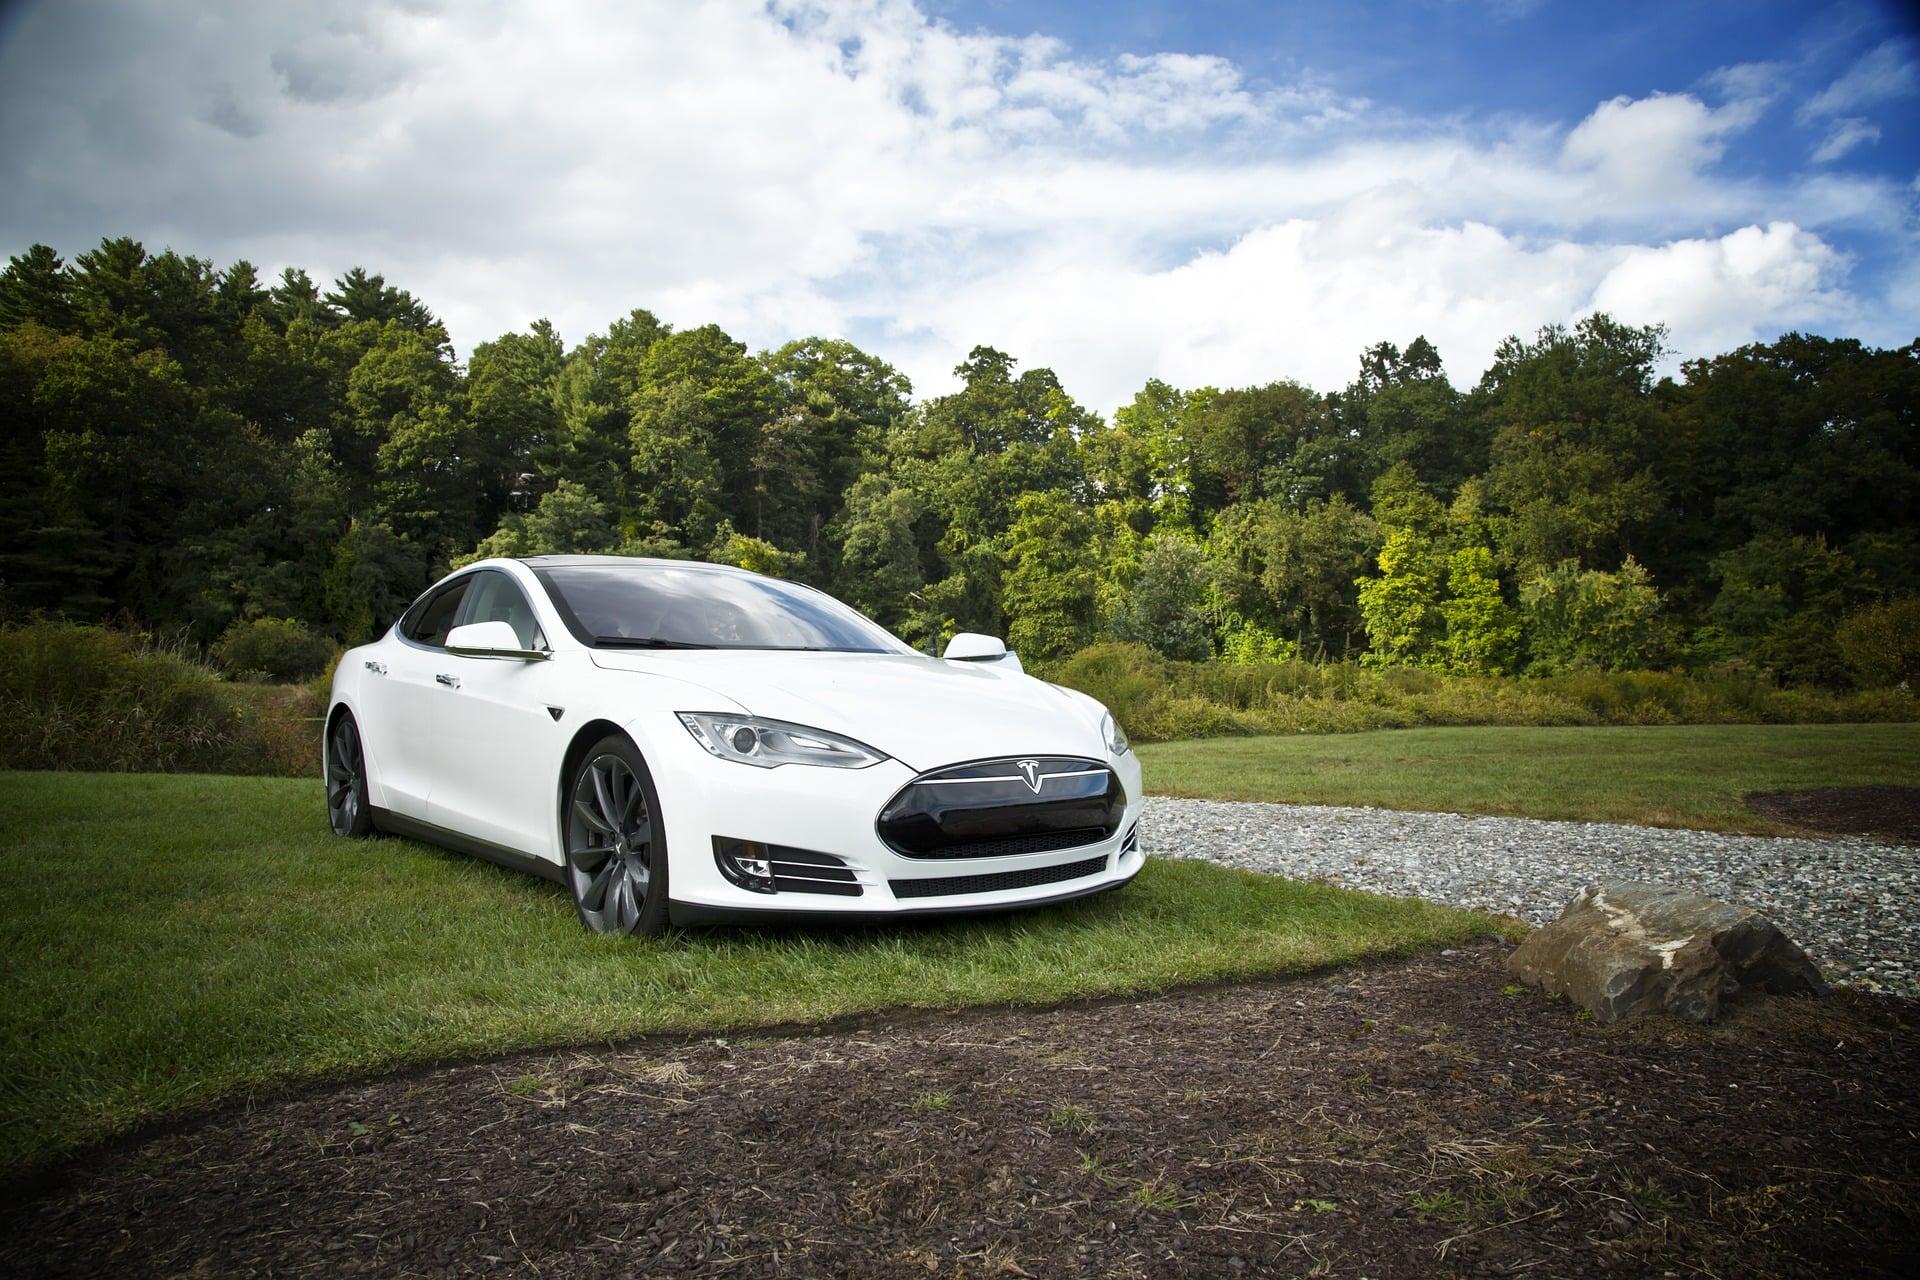 Samochody elektryczne na terenie Unii Europejskiej zaczną wydawać dźwięki